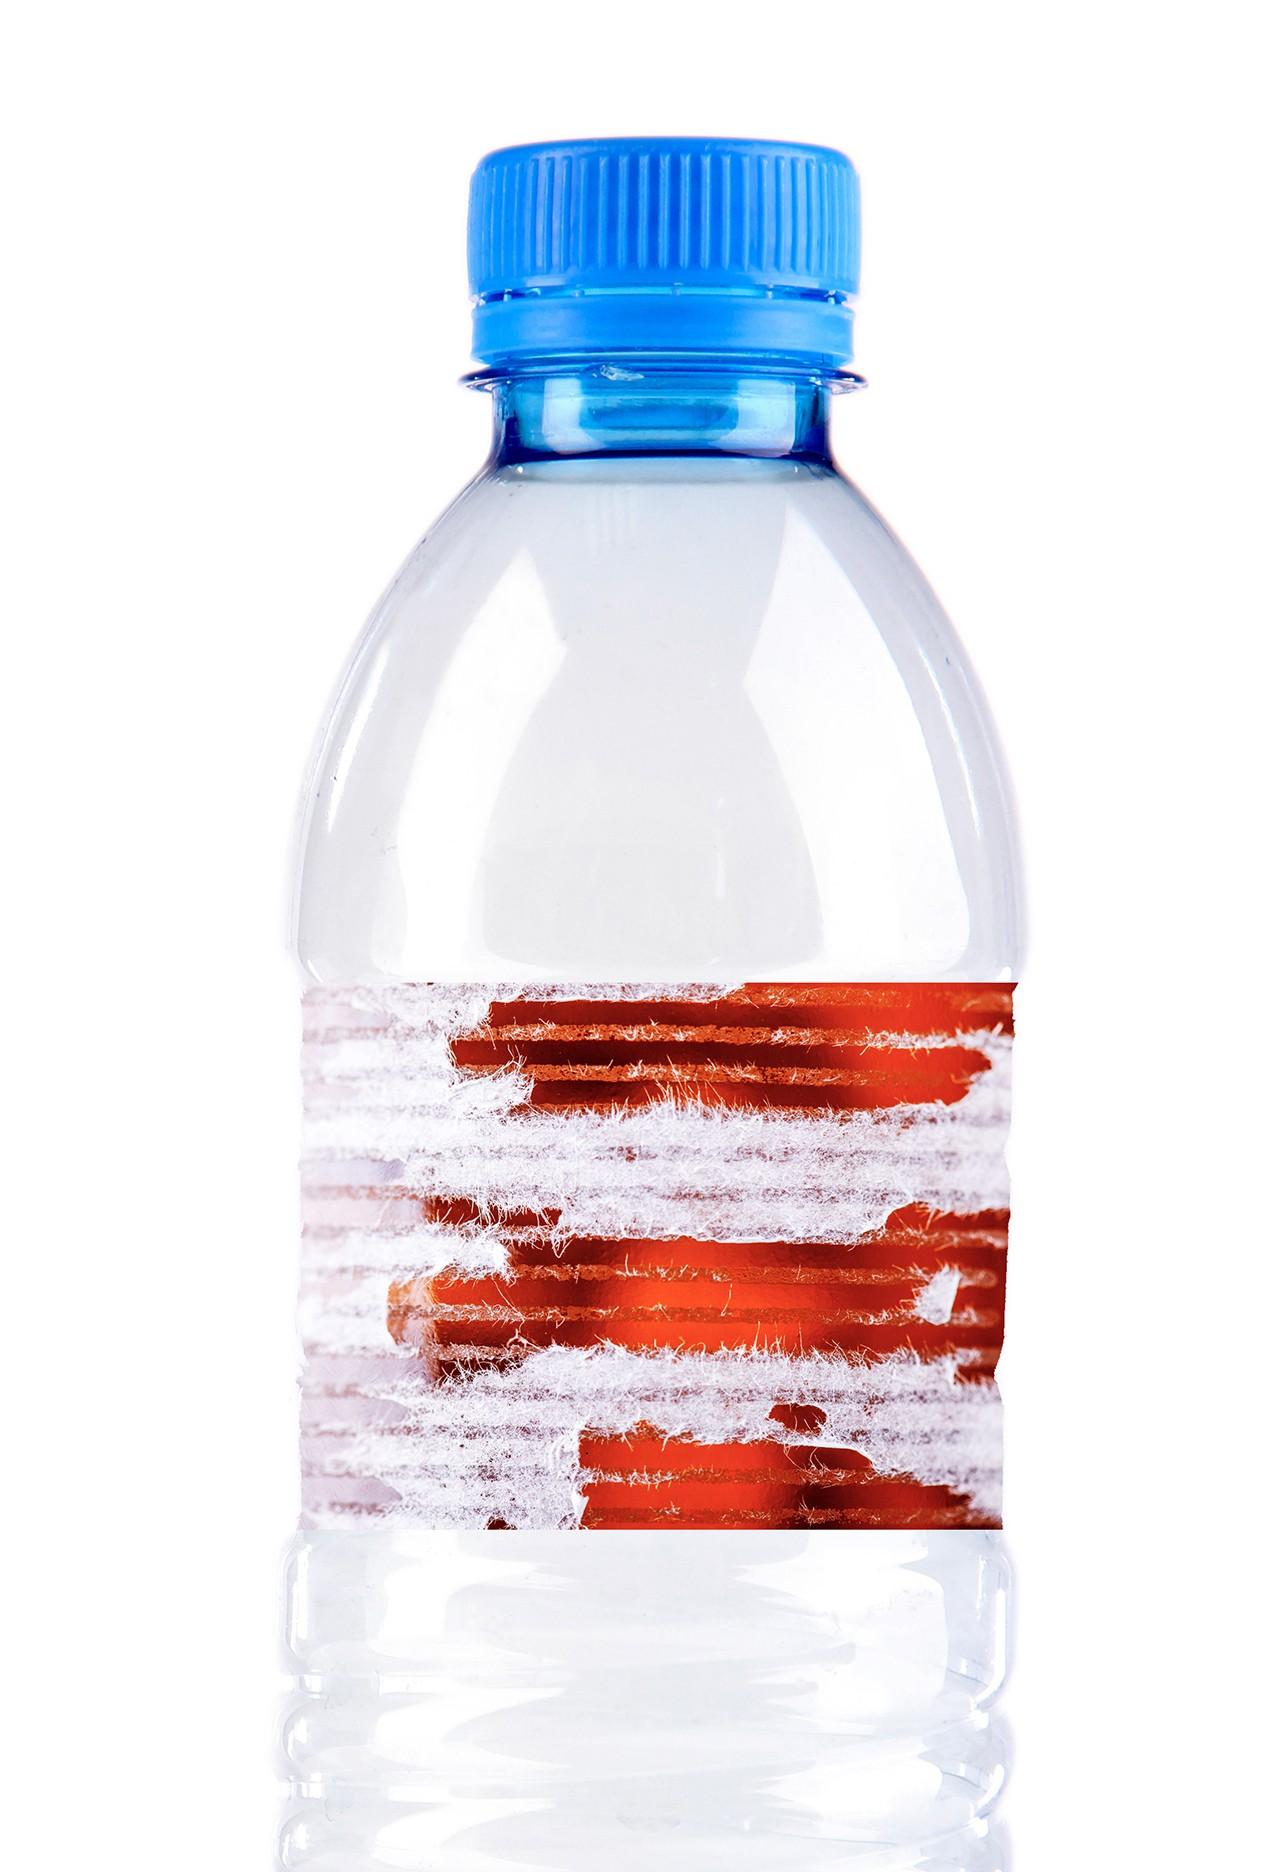 Kleberückstände eines Etiketts auf einer Plastikflasche